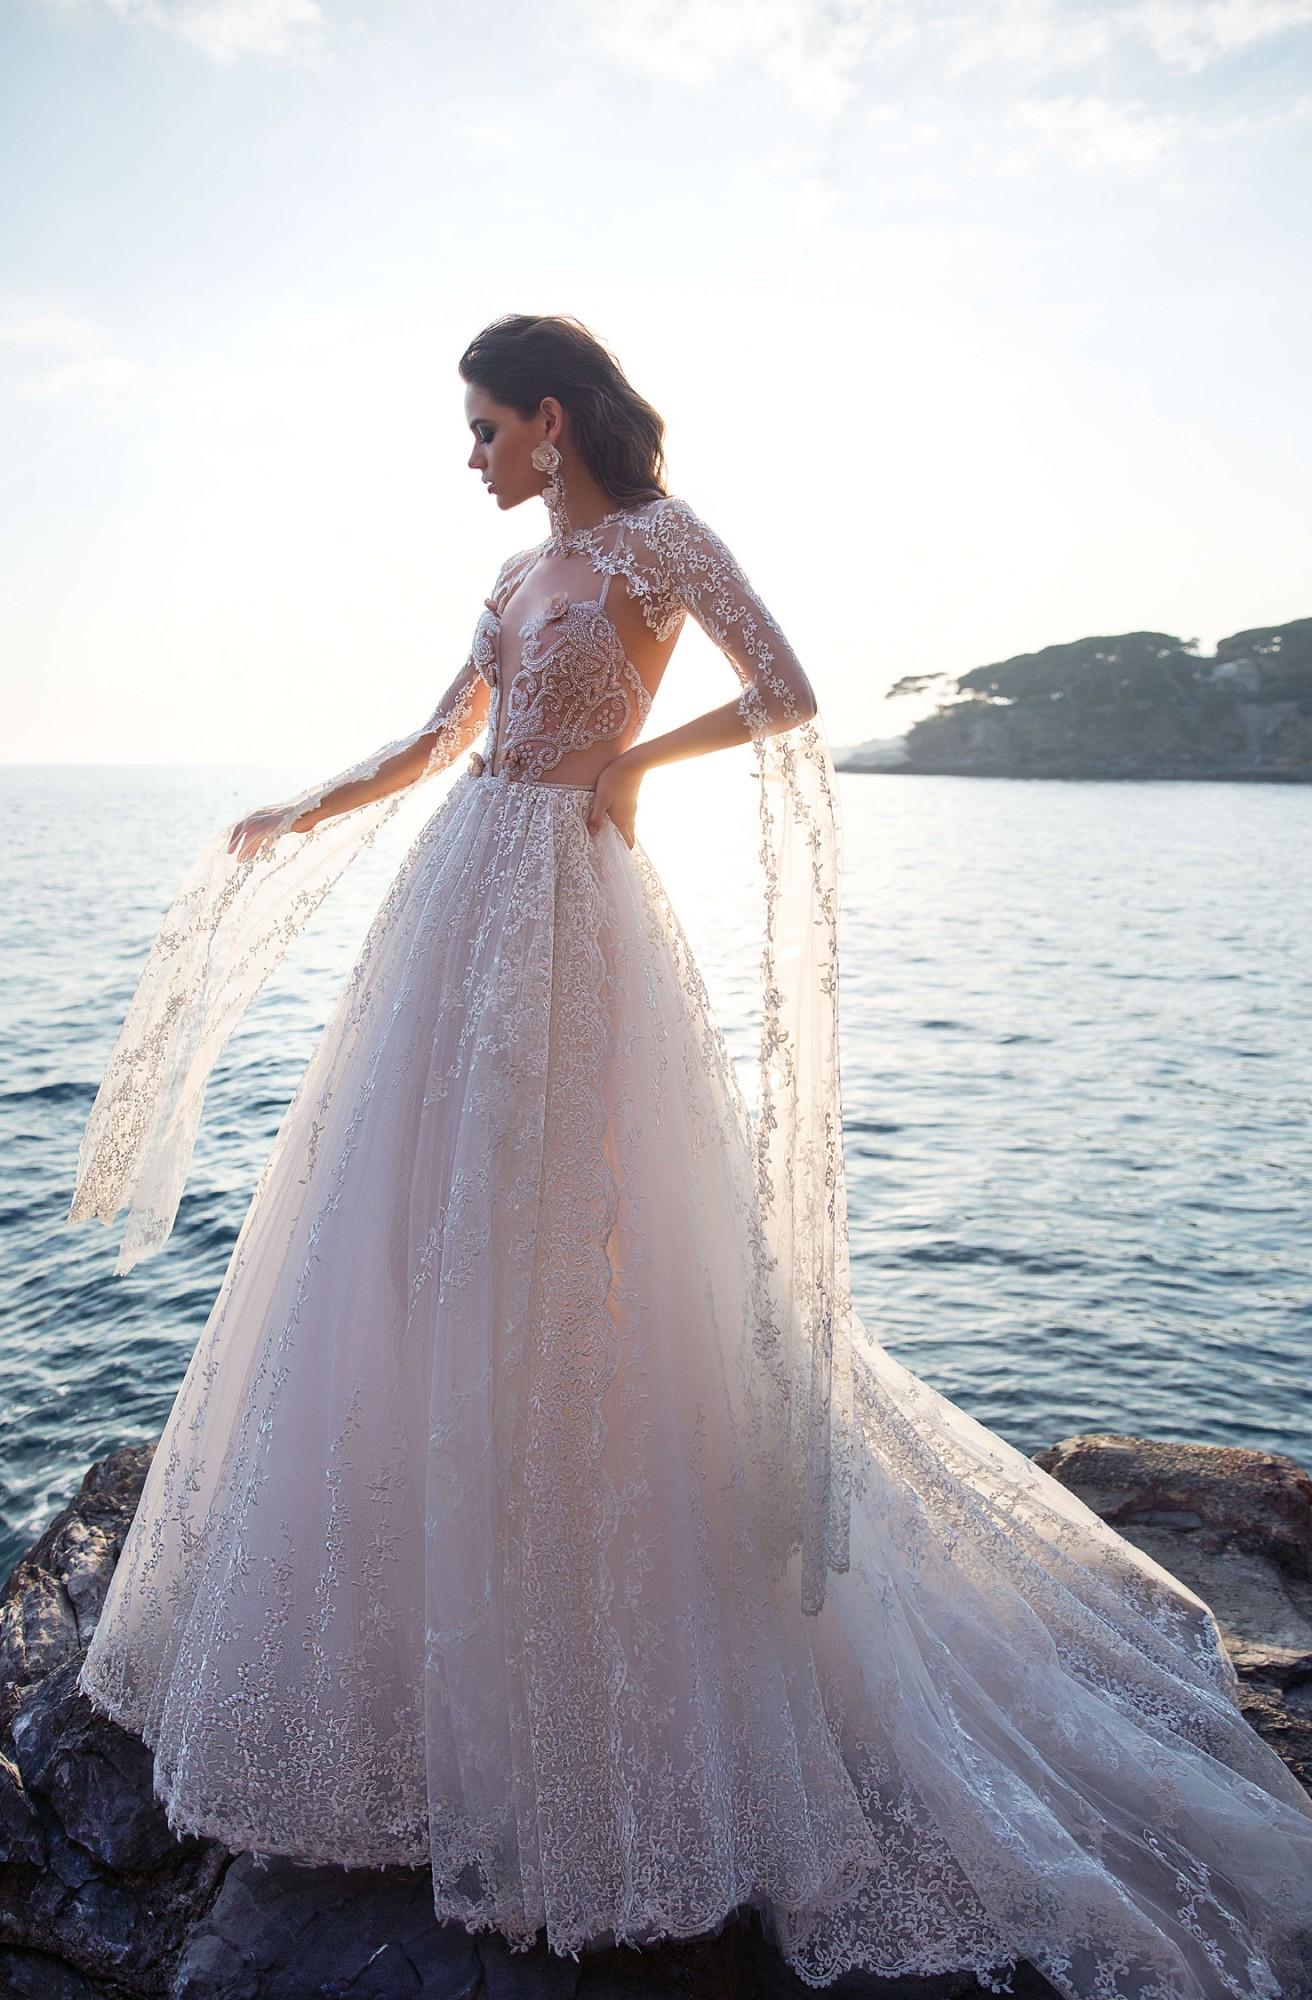 db17a9c10f5 Пышные свадебные платья (принцесса) - купить в салоне Аврора